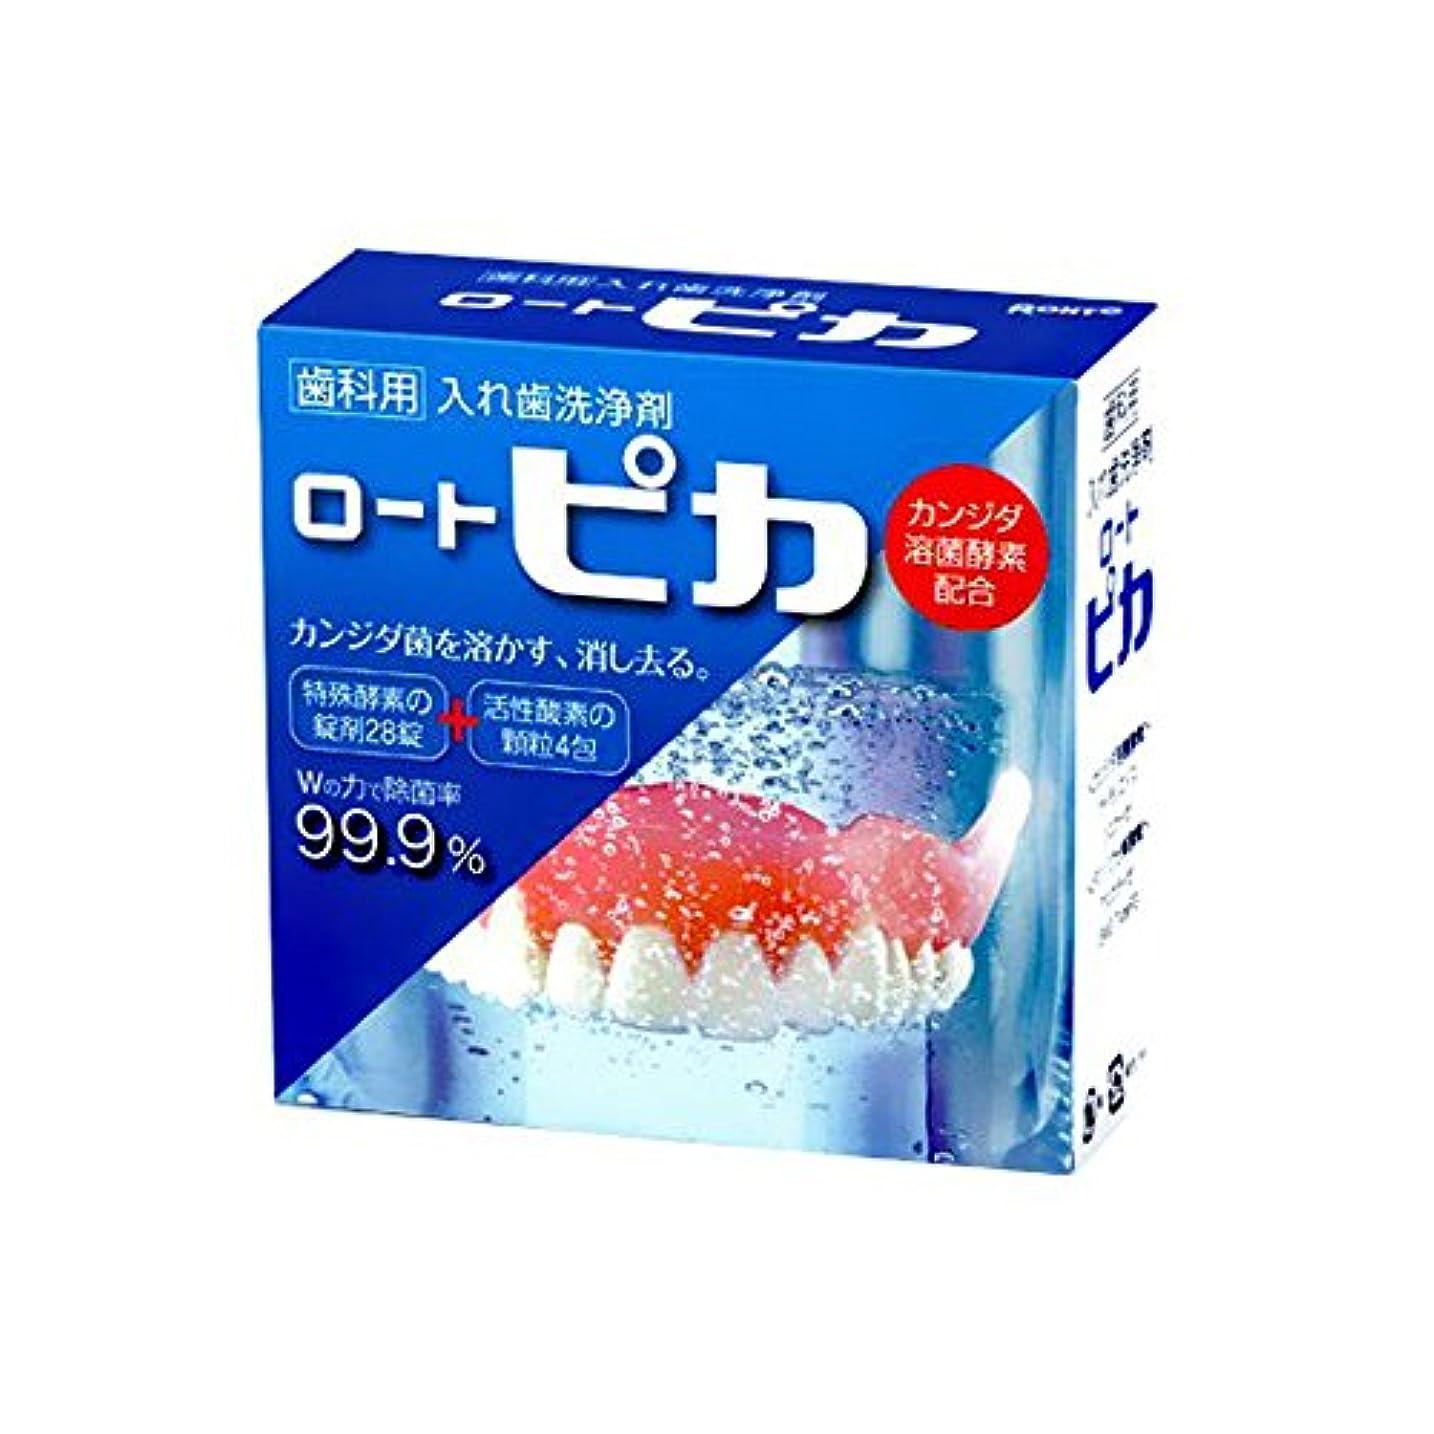 ひも有害に付ける松風 入れ歯洗浄剤ロートピカ 1箱(28錠+4包)